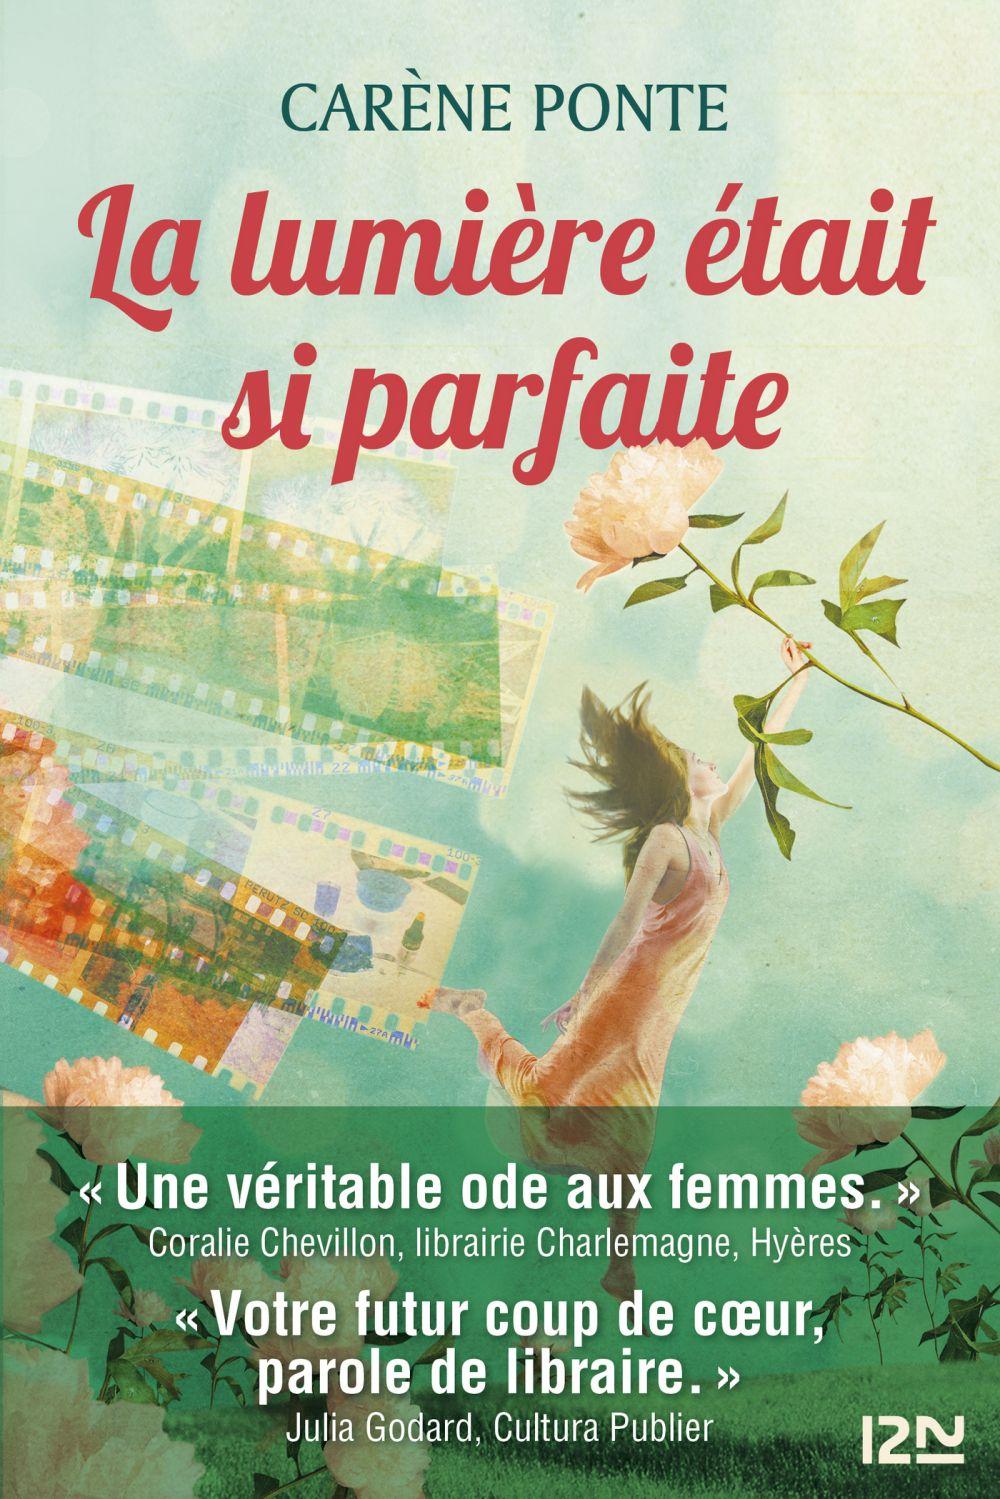 La lumière était si parfaite: Le nouveau roman feel-good à découvrir   PONTE, Carène. Auteur